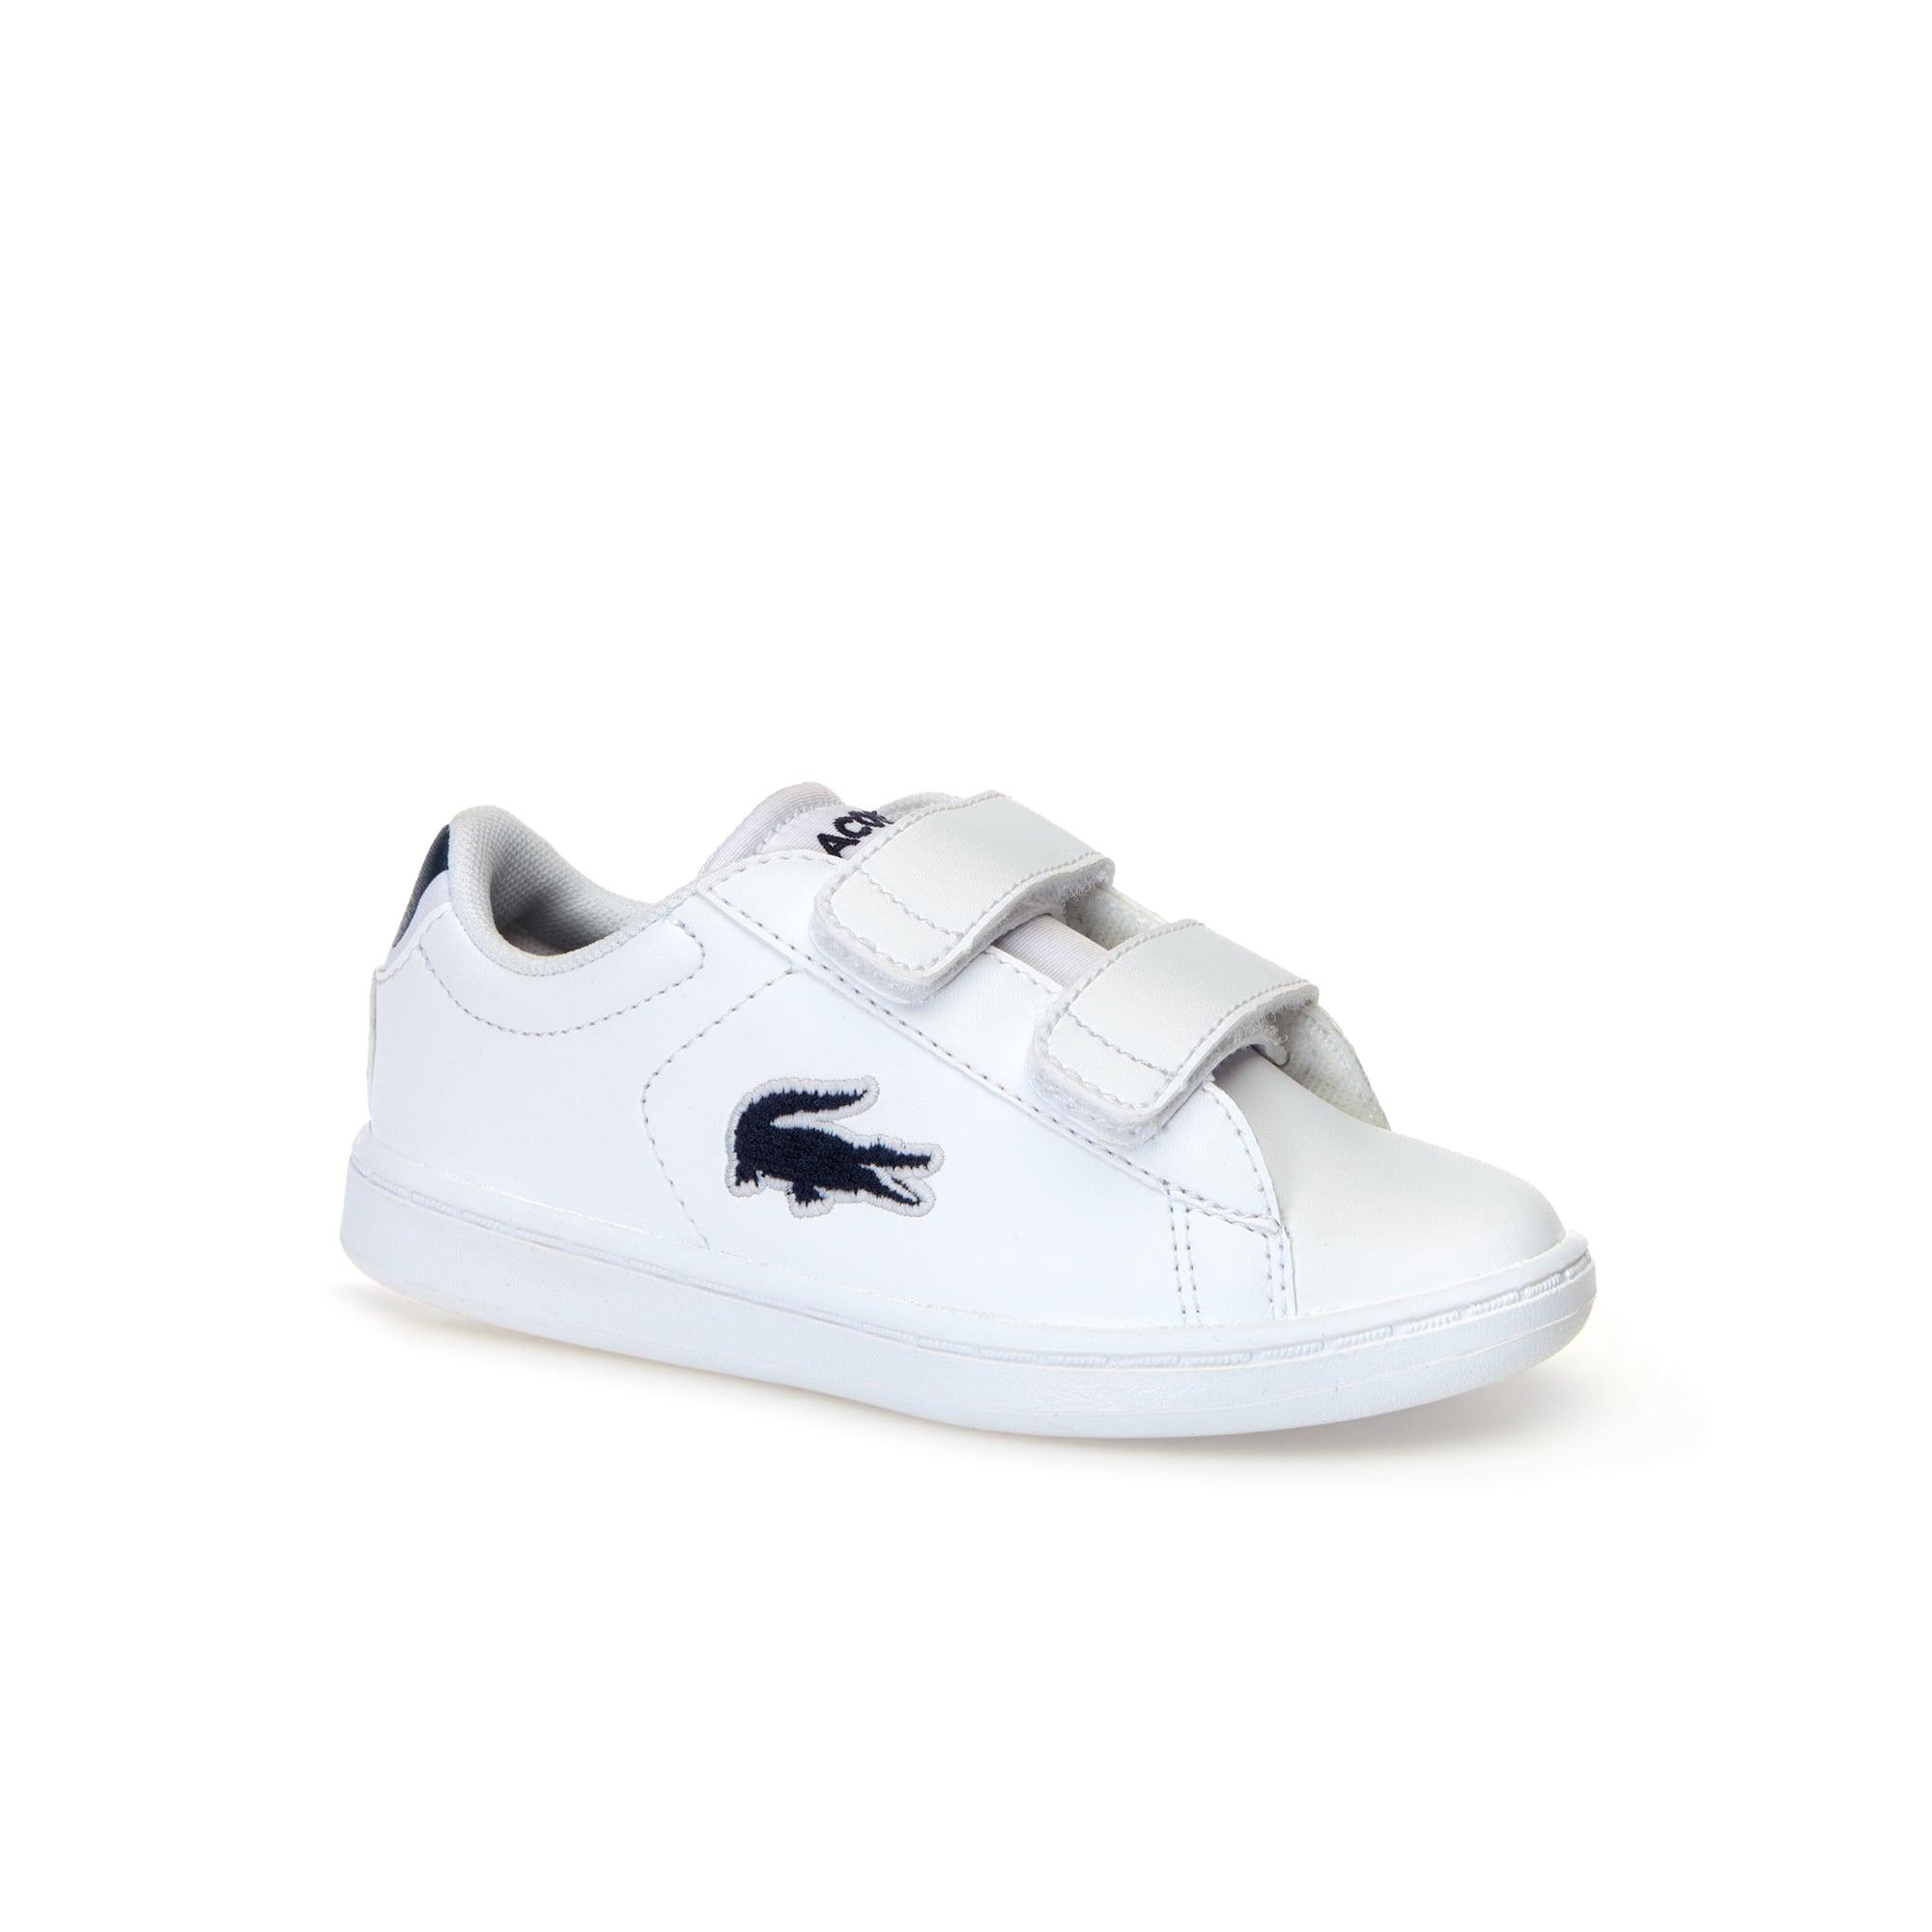 Sneakers Carnaby Evo bébés blanches en synthétique et textile